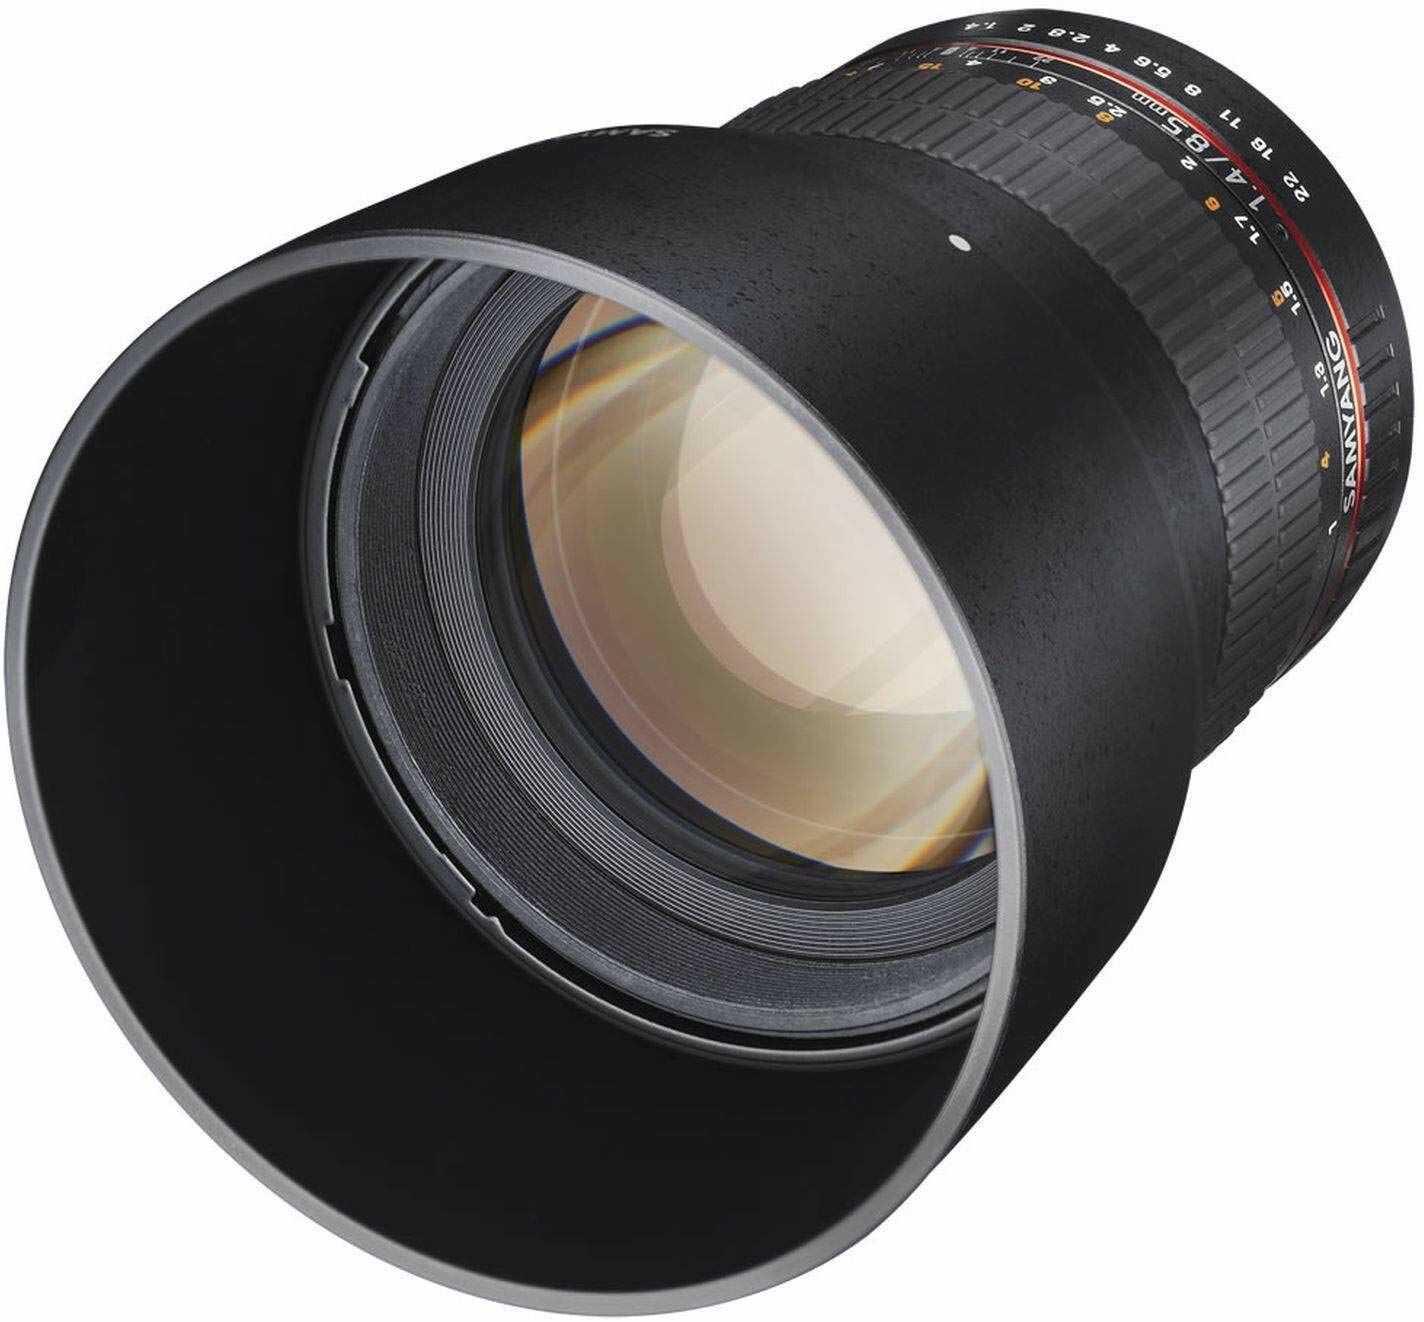 Samyang 85 mm F1.4 obiektyw do podłączenia Fuji X